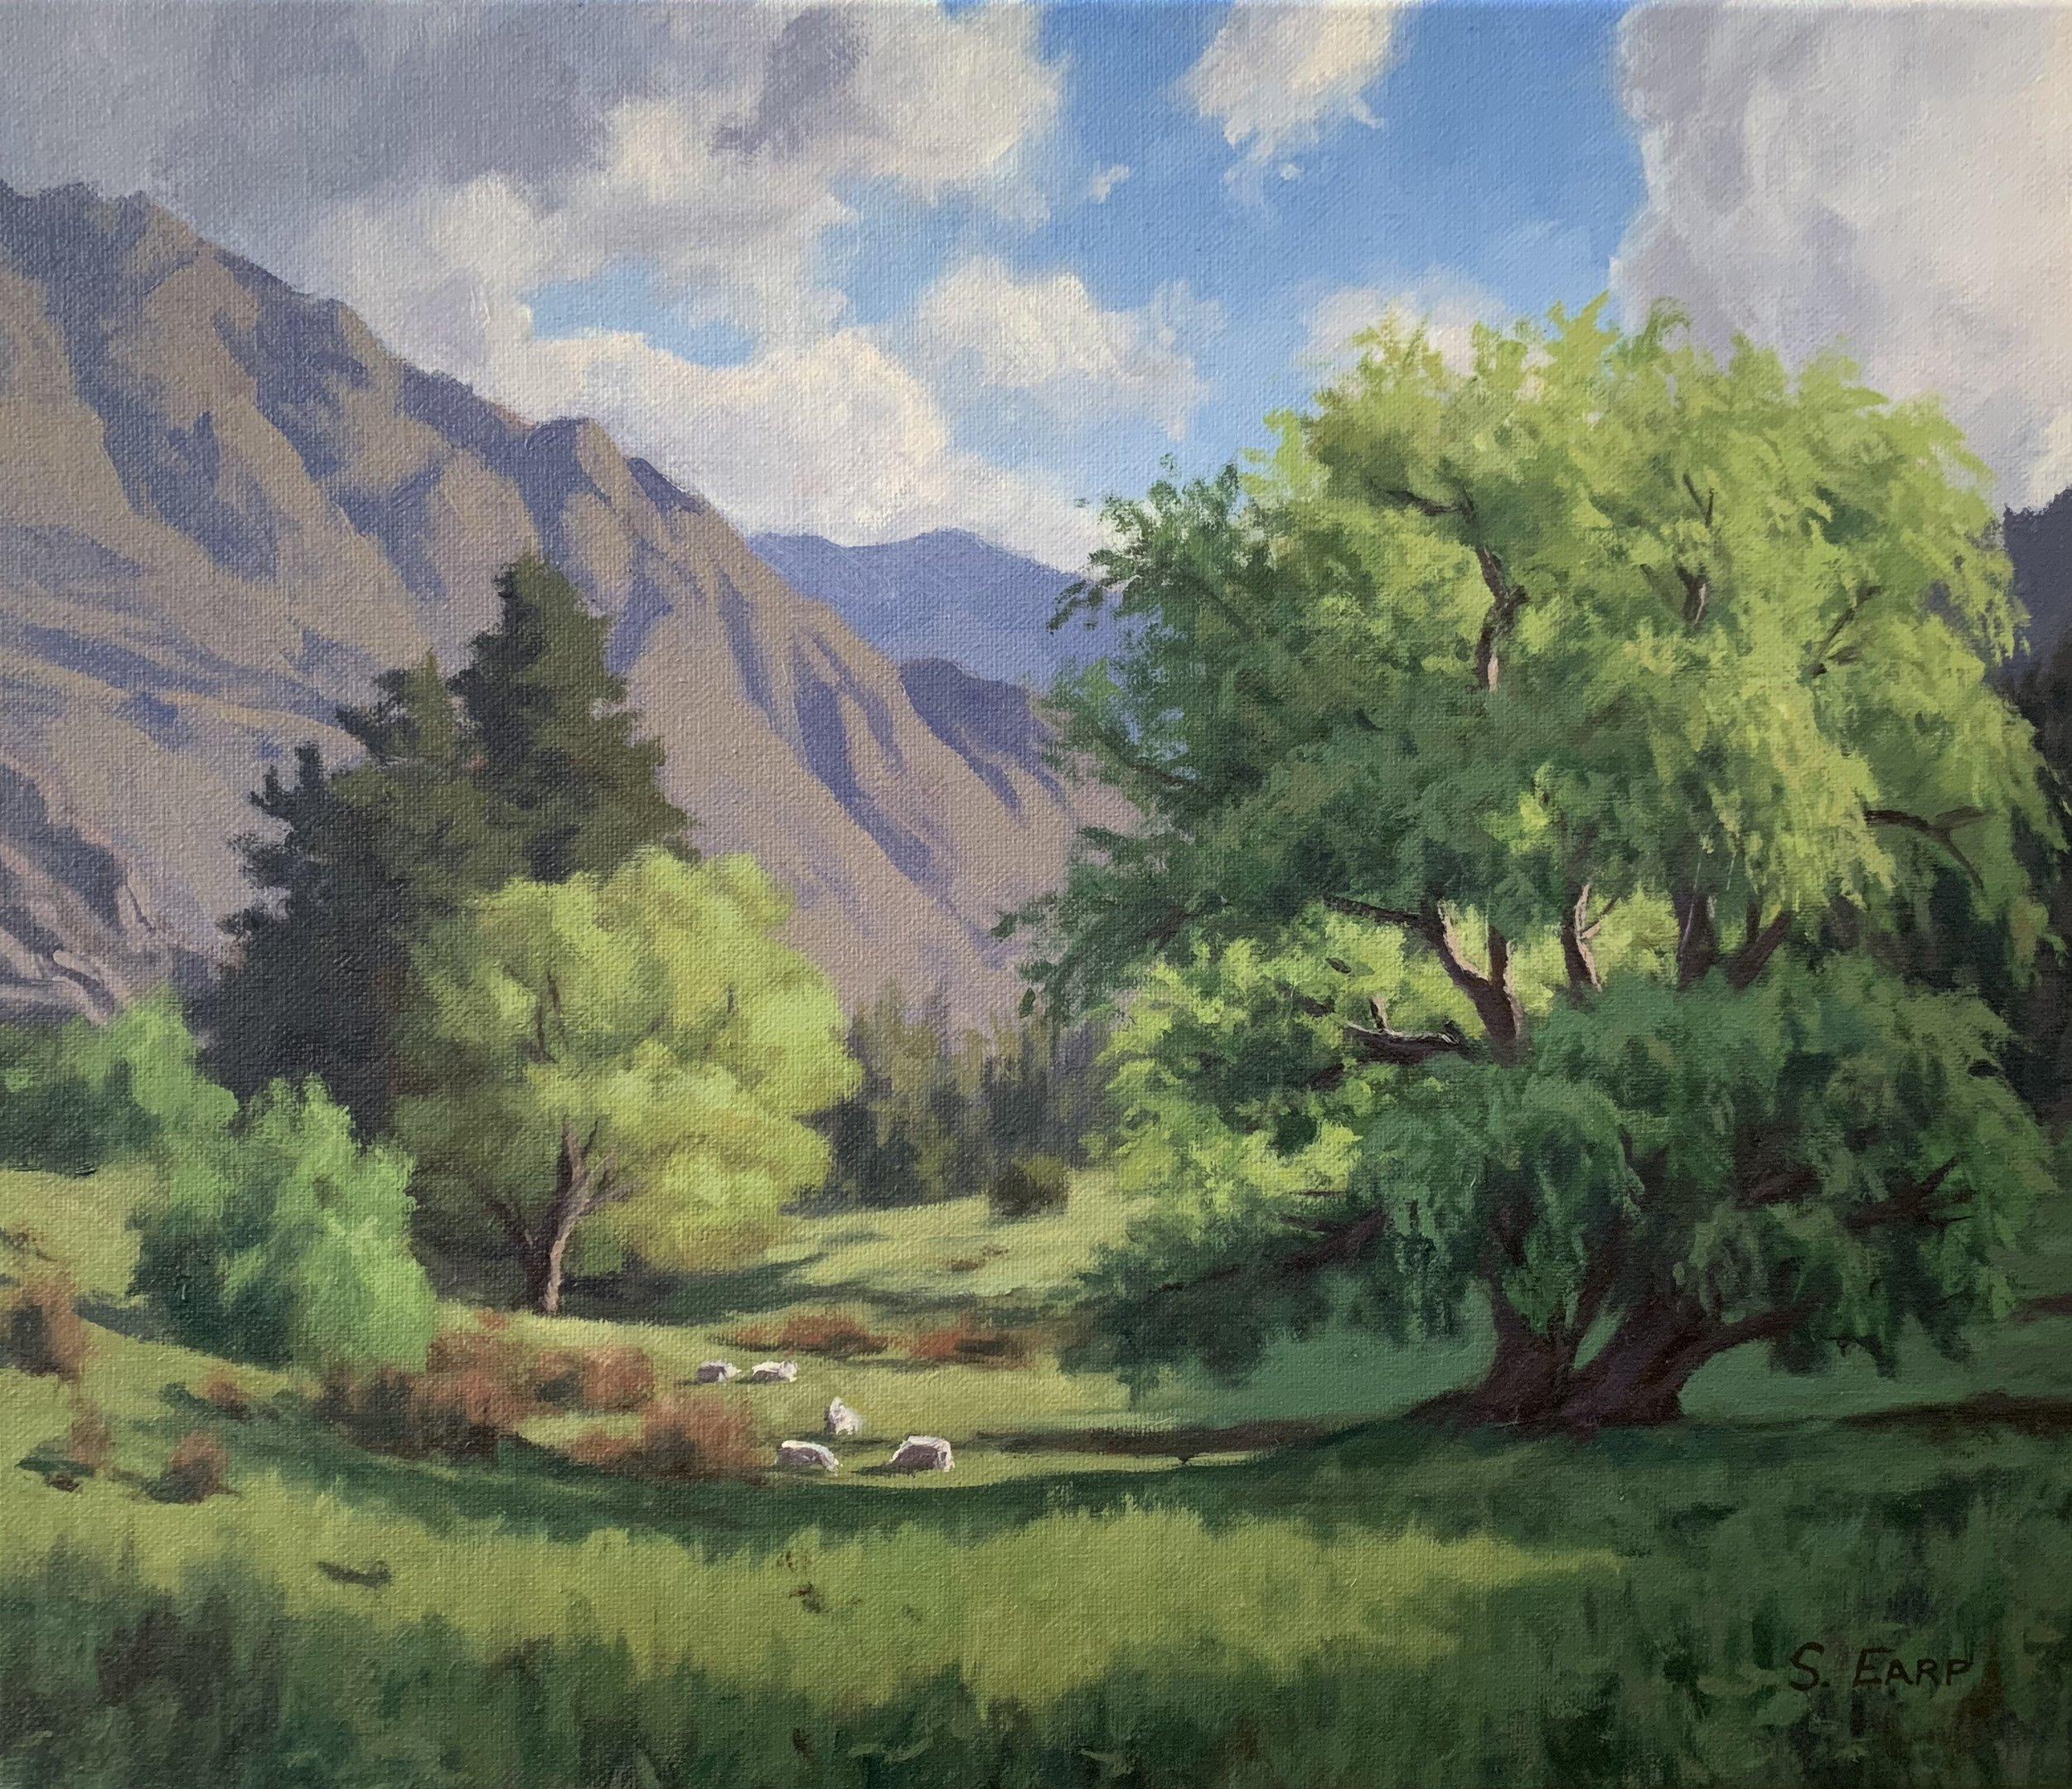 Willow Trees and Light - oil painting - Samuel Earp - landscape artist.jpg